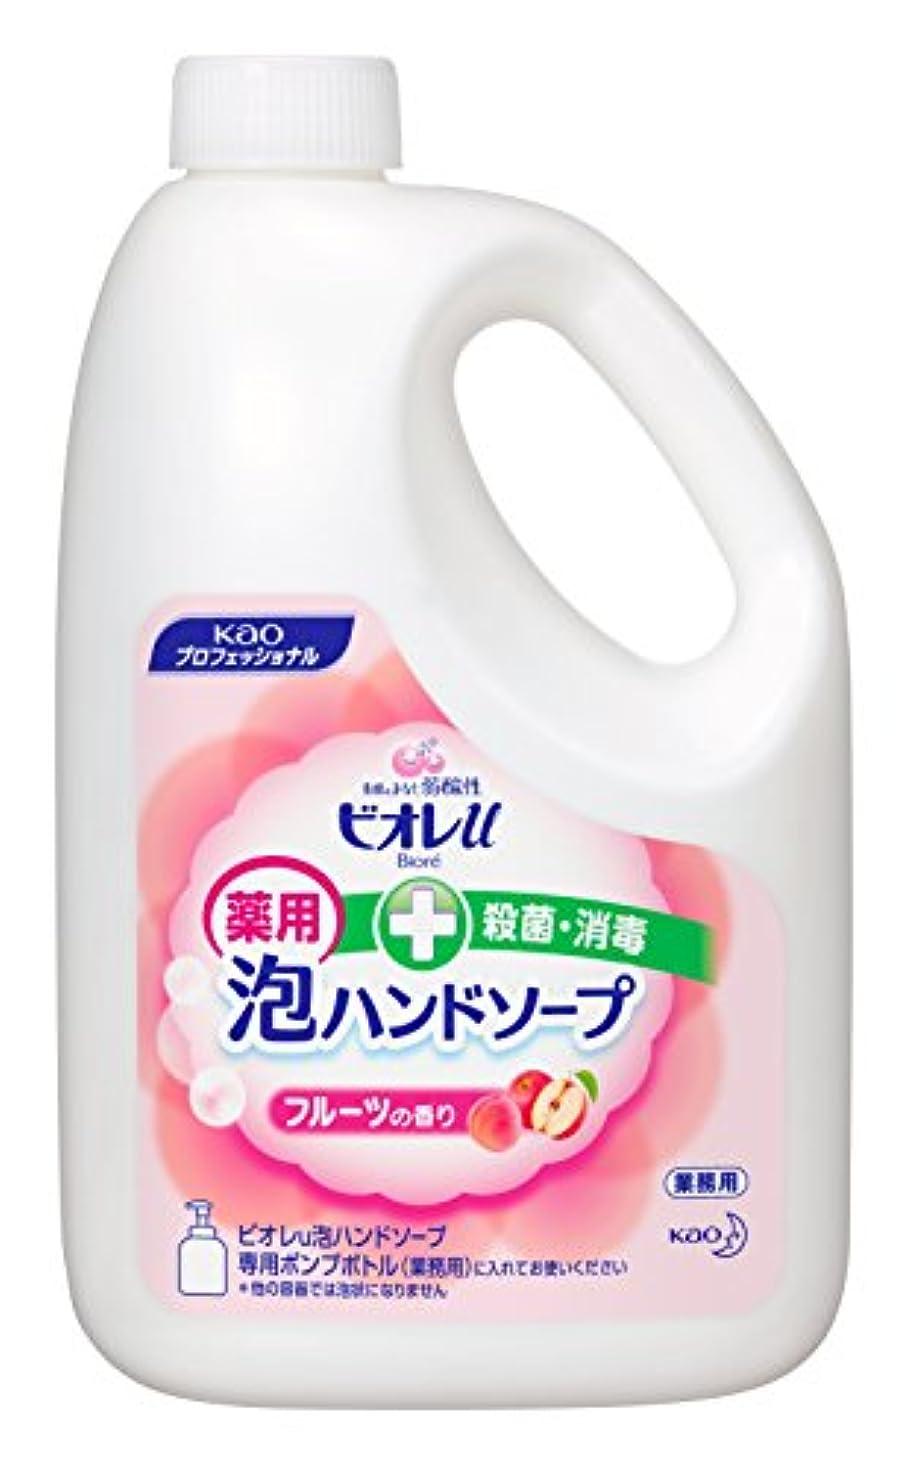 オゾン天使セッション【業務用 泡ハンドソープ】ビオレu 泡ハンドソープ フルーツの香り 2L(プロフェッショナルシリーズ)